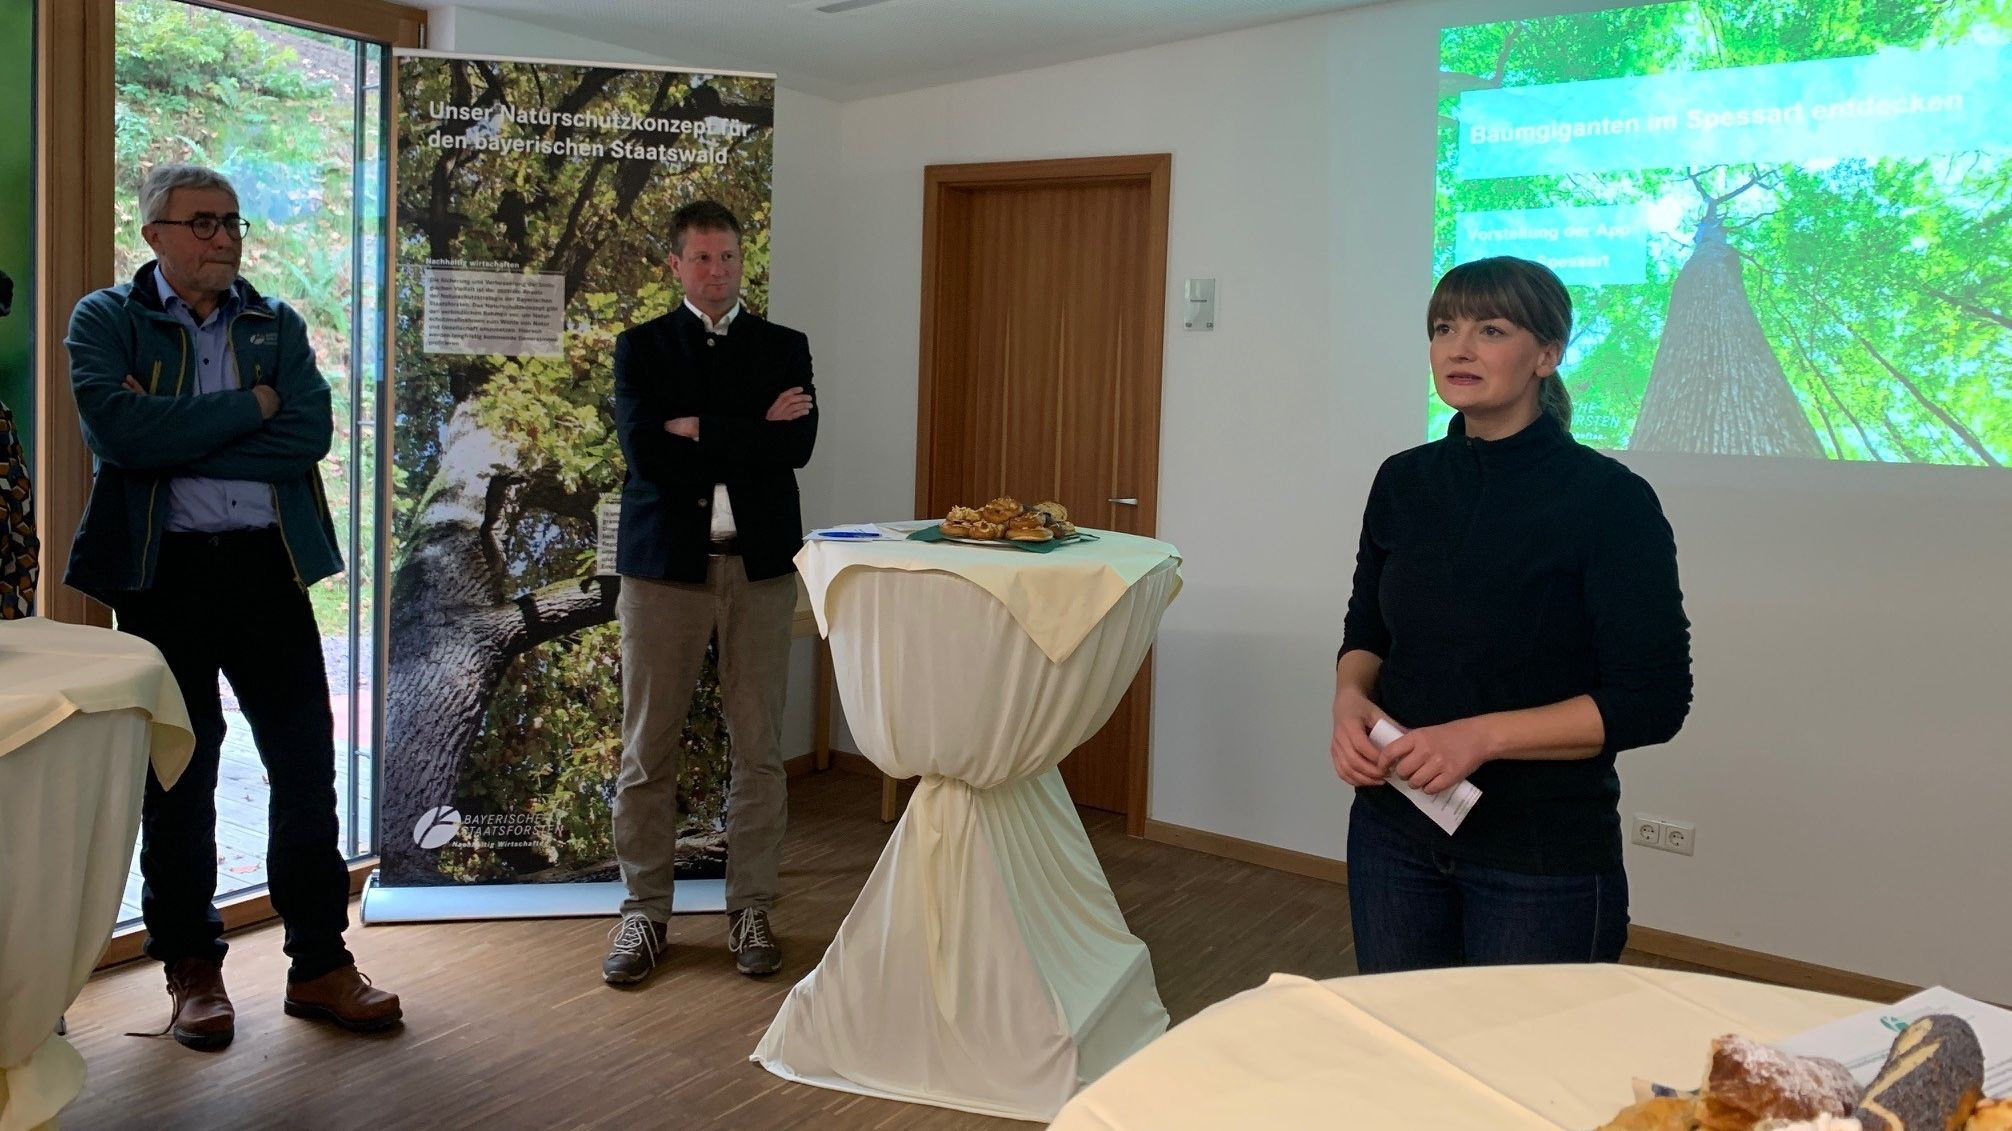 Digitalministerin Gerlach hat heute den Startschuss für die neue Spessart-App gegeben.